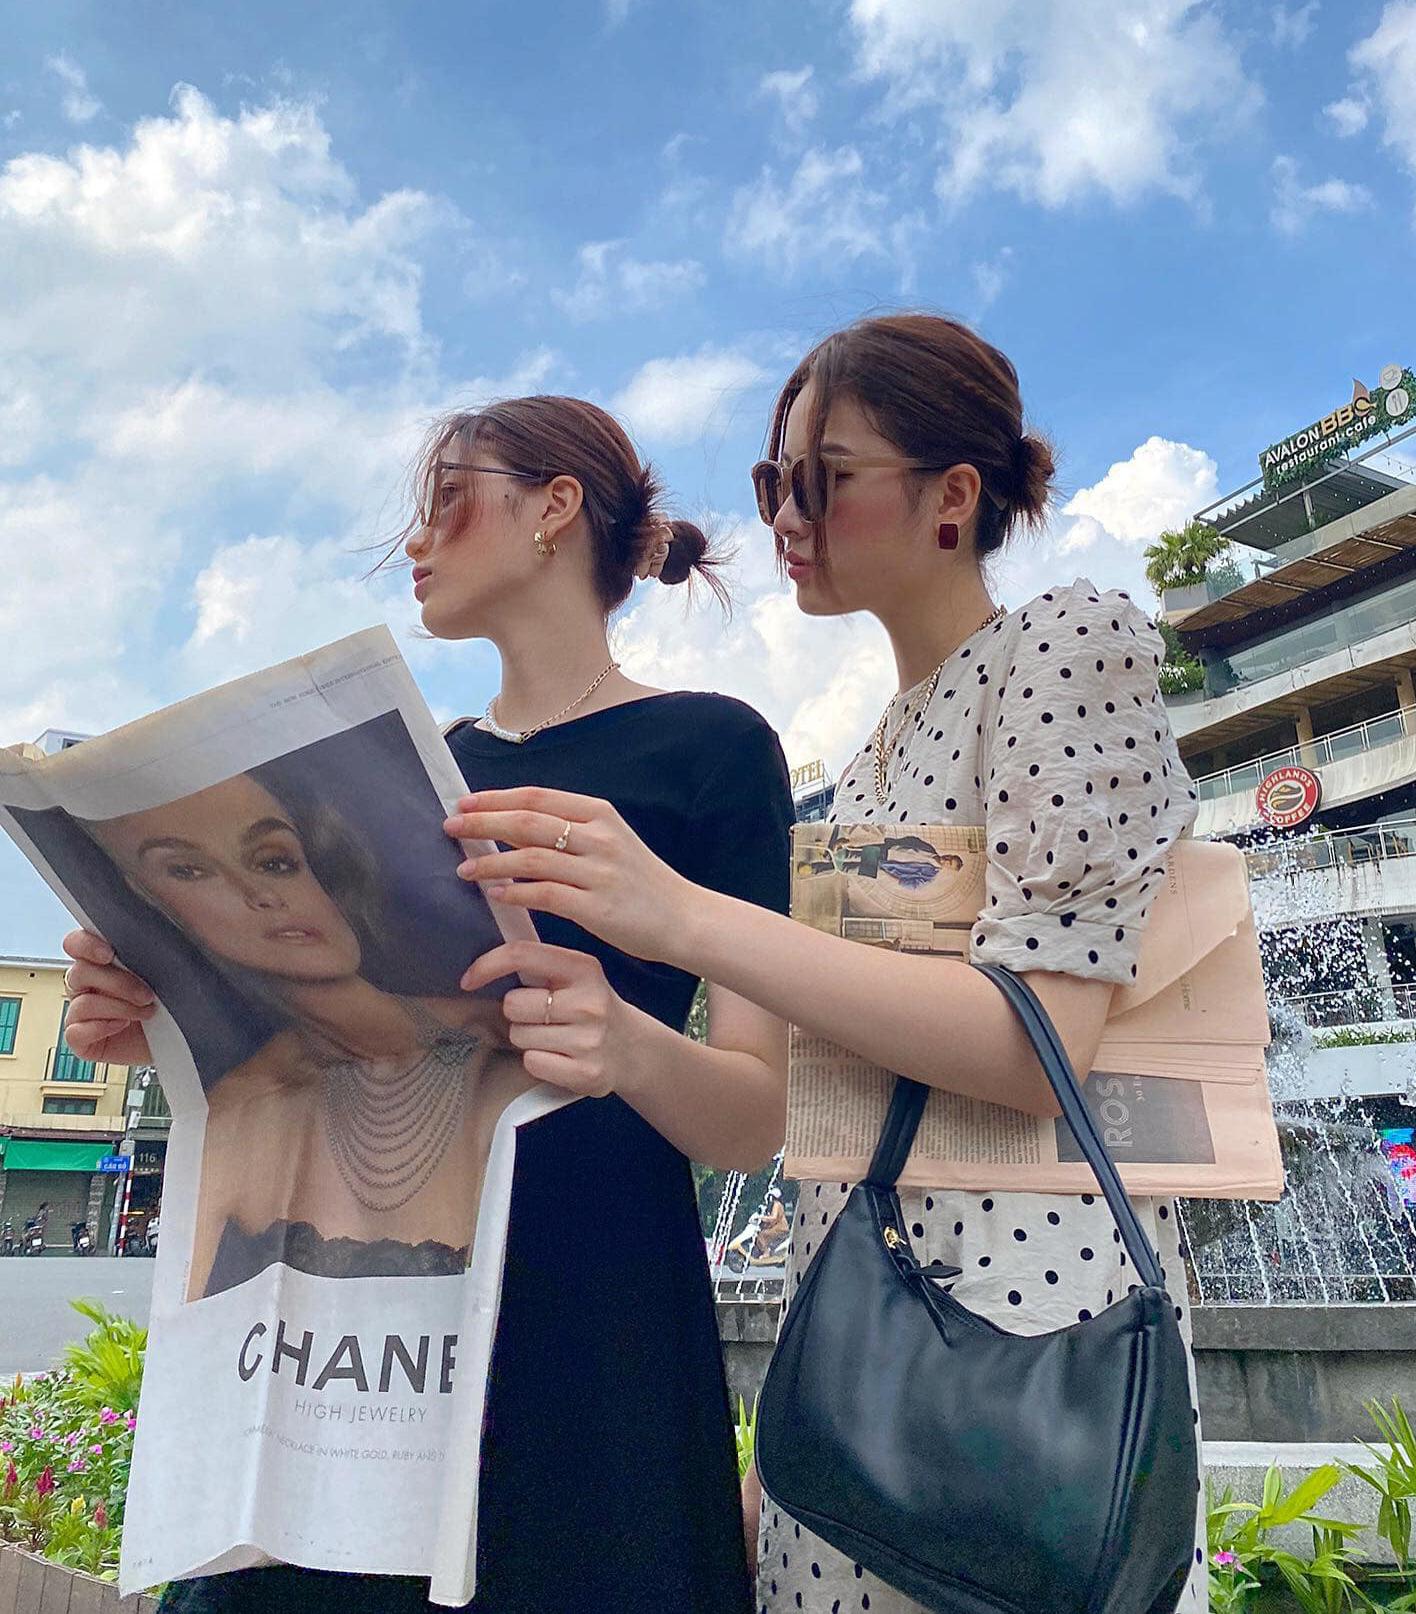 Cả hai chị em đều yêu thích phong cách streetwear, đề cao yếu tố tối giản và tạo điểm nhấn bằng phụ kiện để tạo nên tổng thể đẹp mắt.